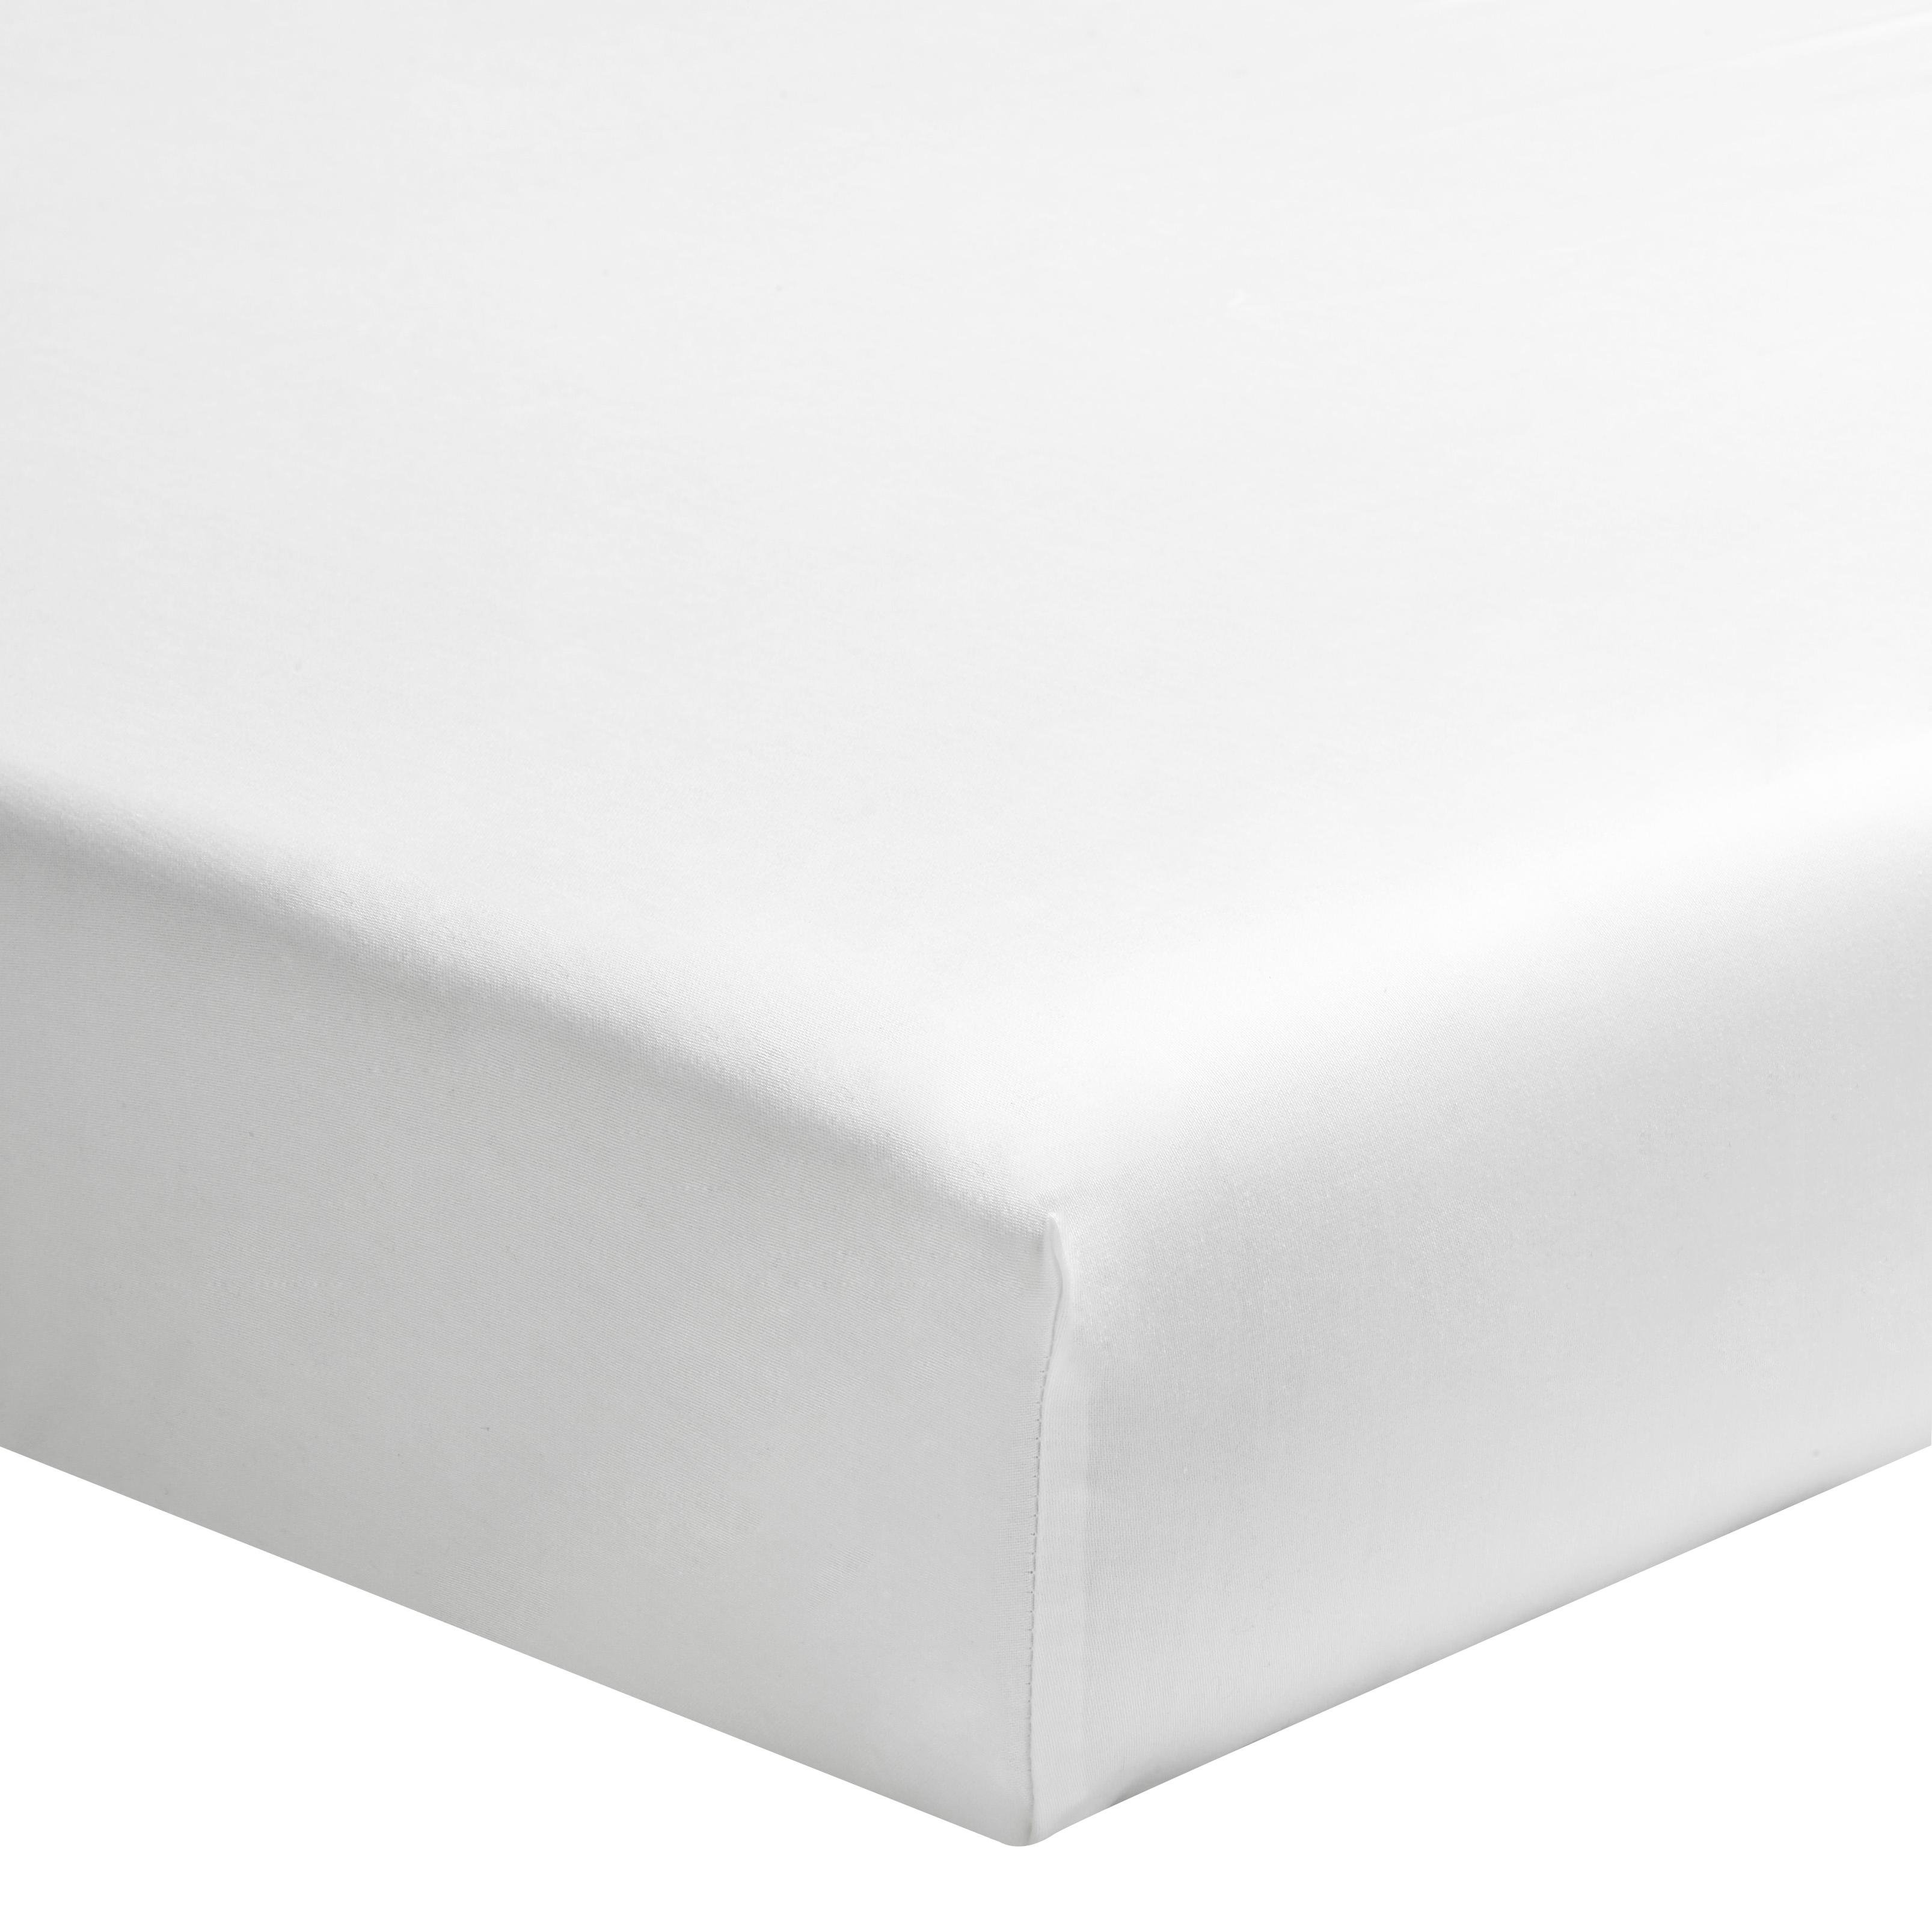 Drap housse uni en percale de coton blanc 200x200